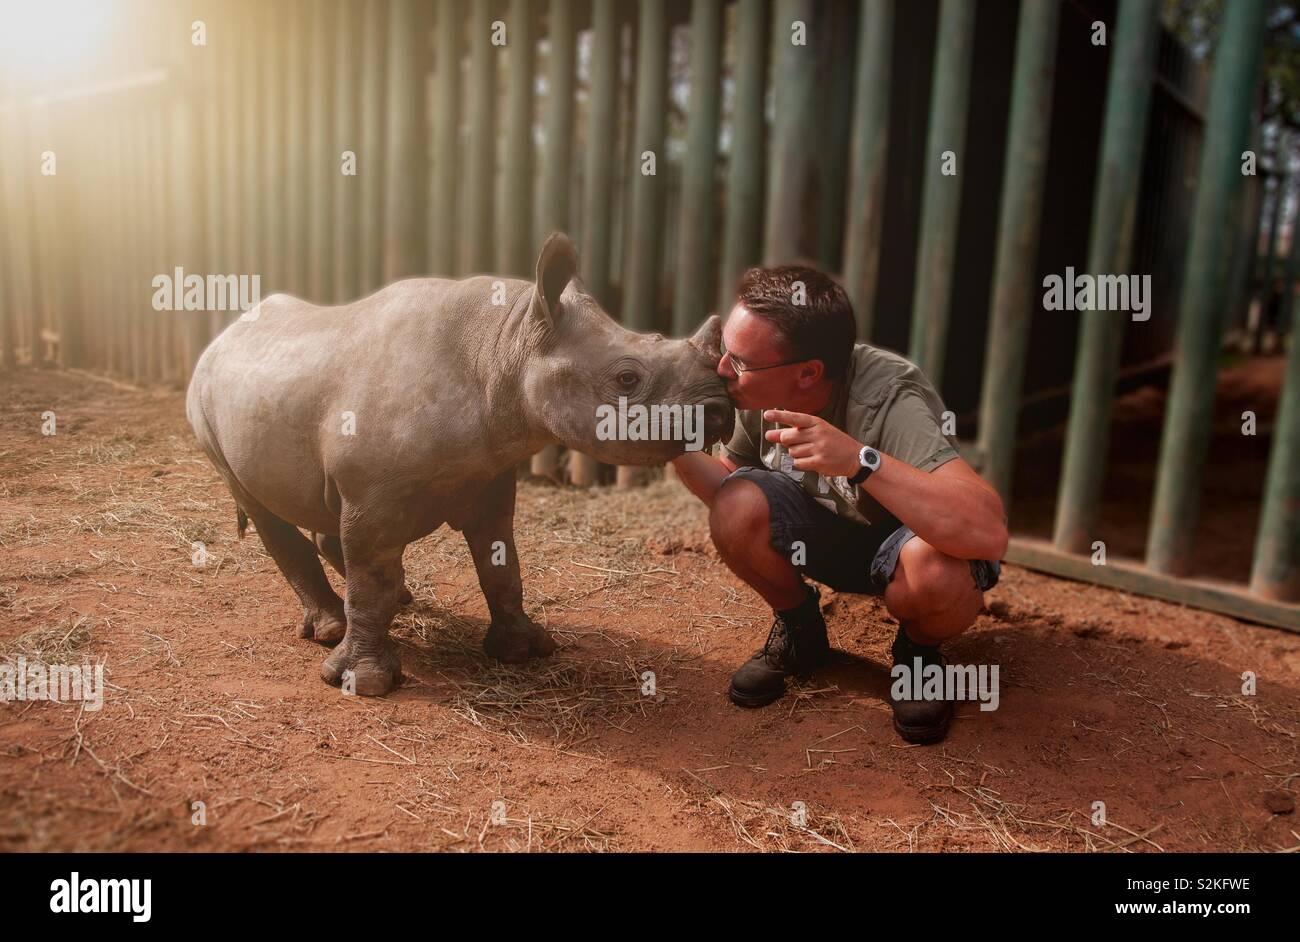 Besos joven rinoceronte bebé Foto de stock